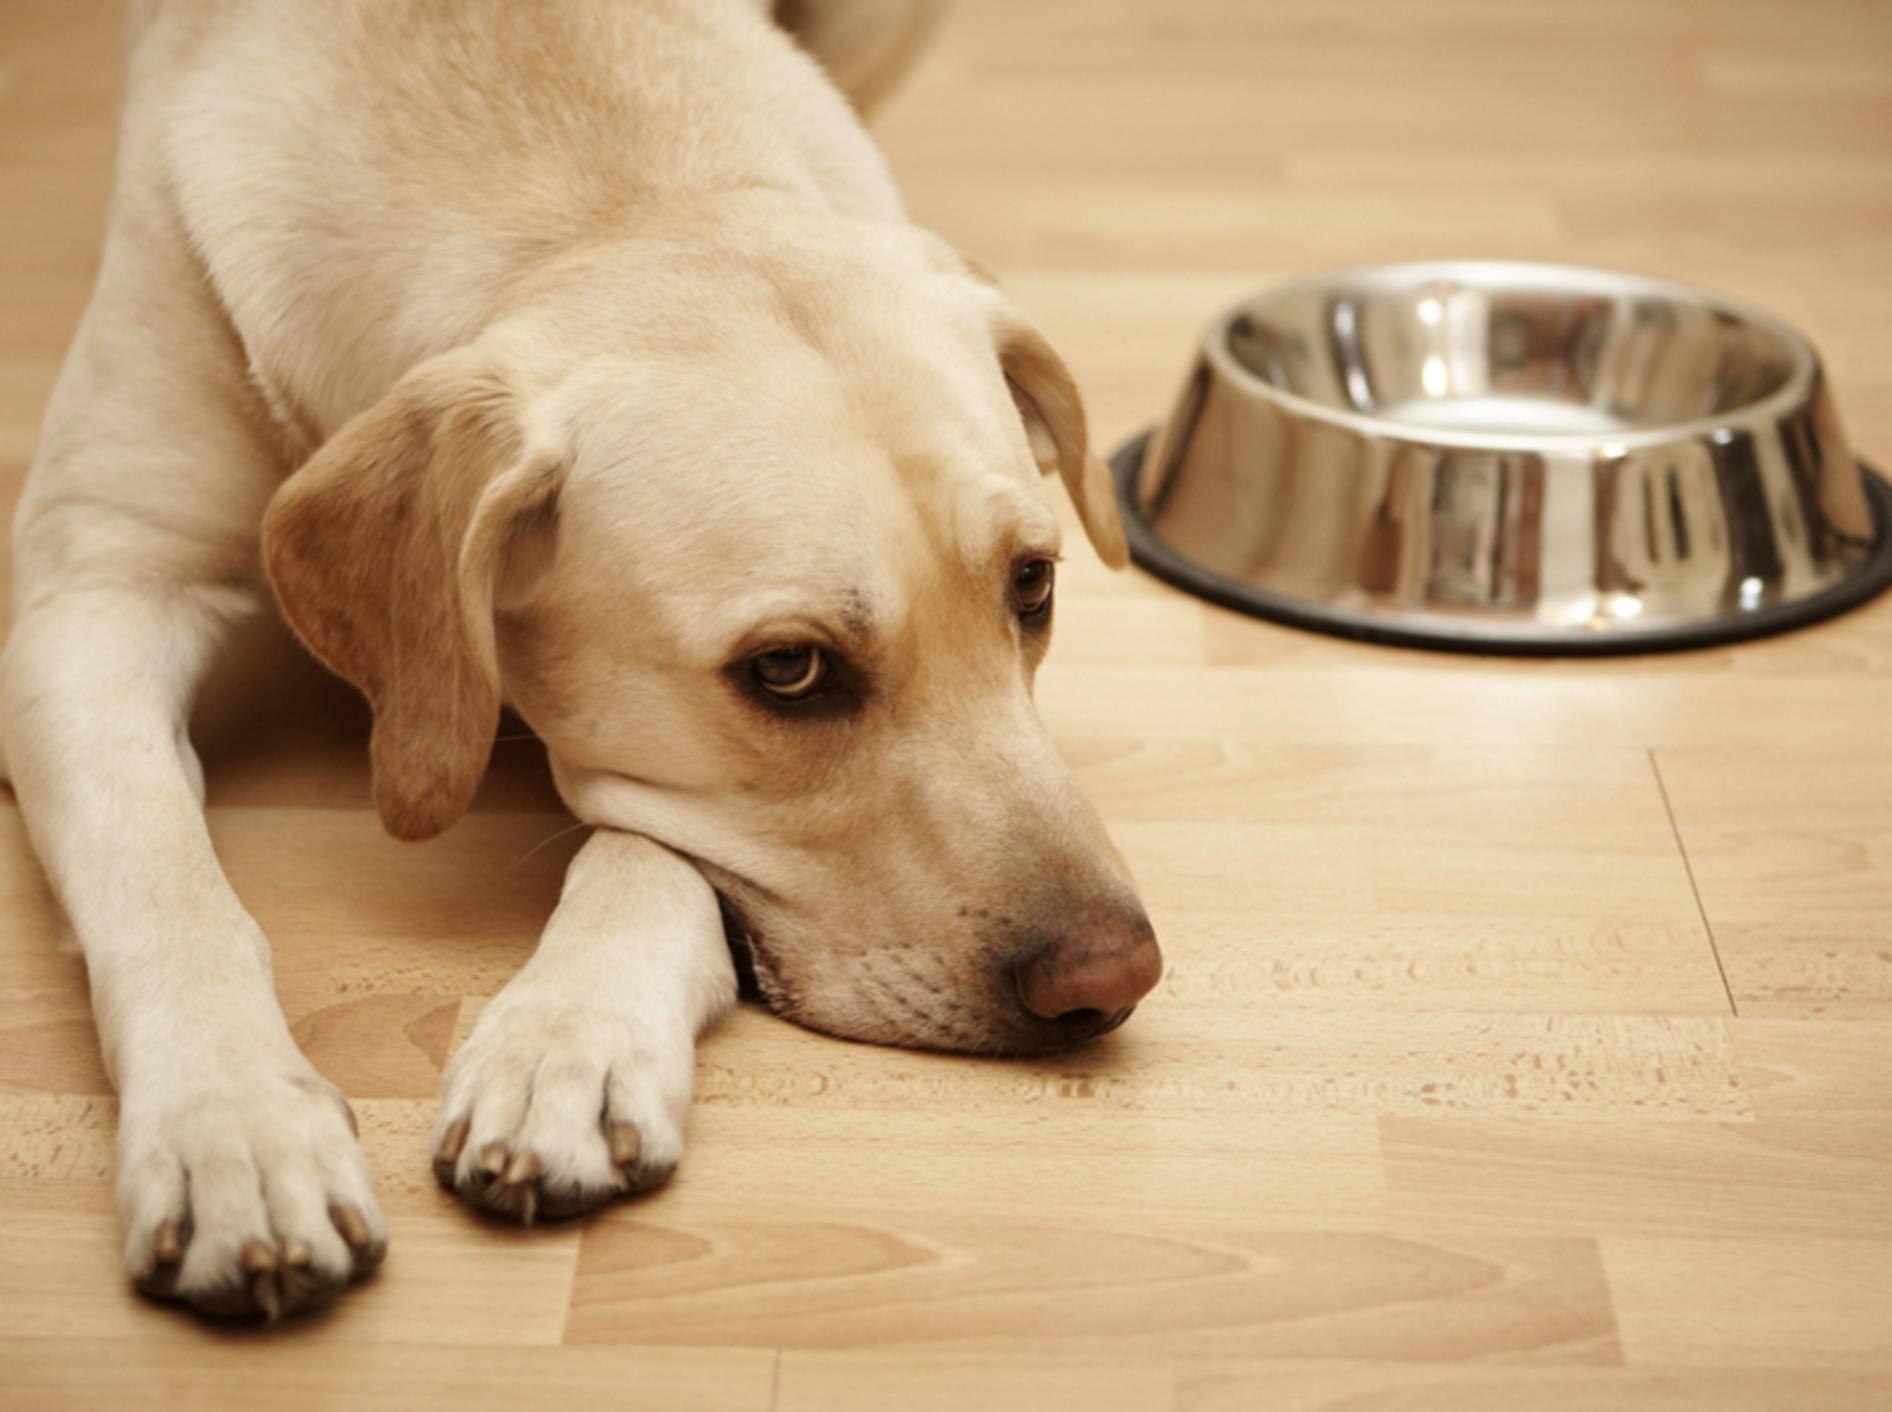 Gewisse Inhaltsstoffe von Hundefutter können Allergien auslösen – Shutterstock / Jaromir Chalabala